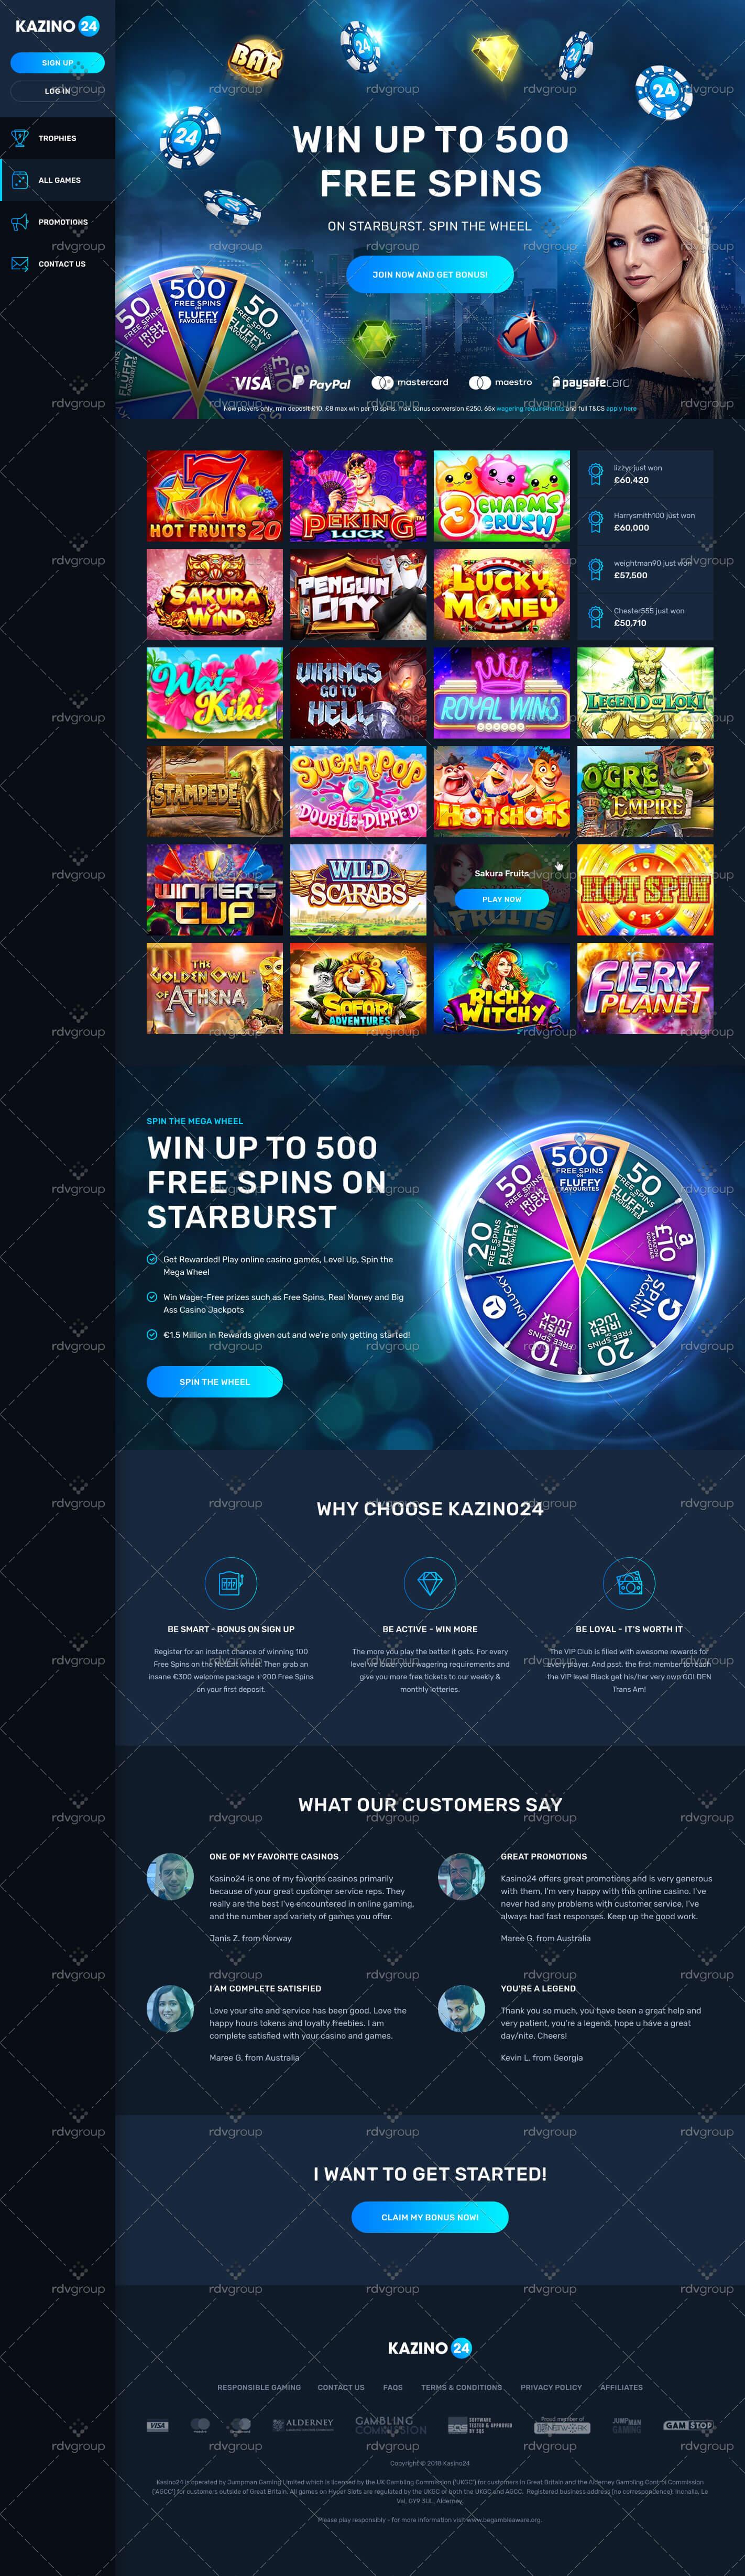 07 casino 750 2 1